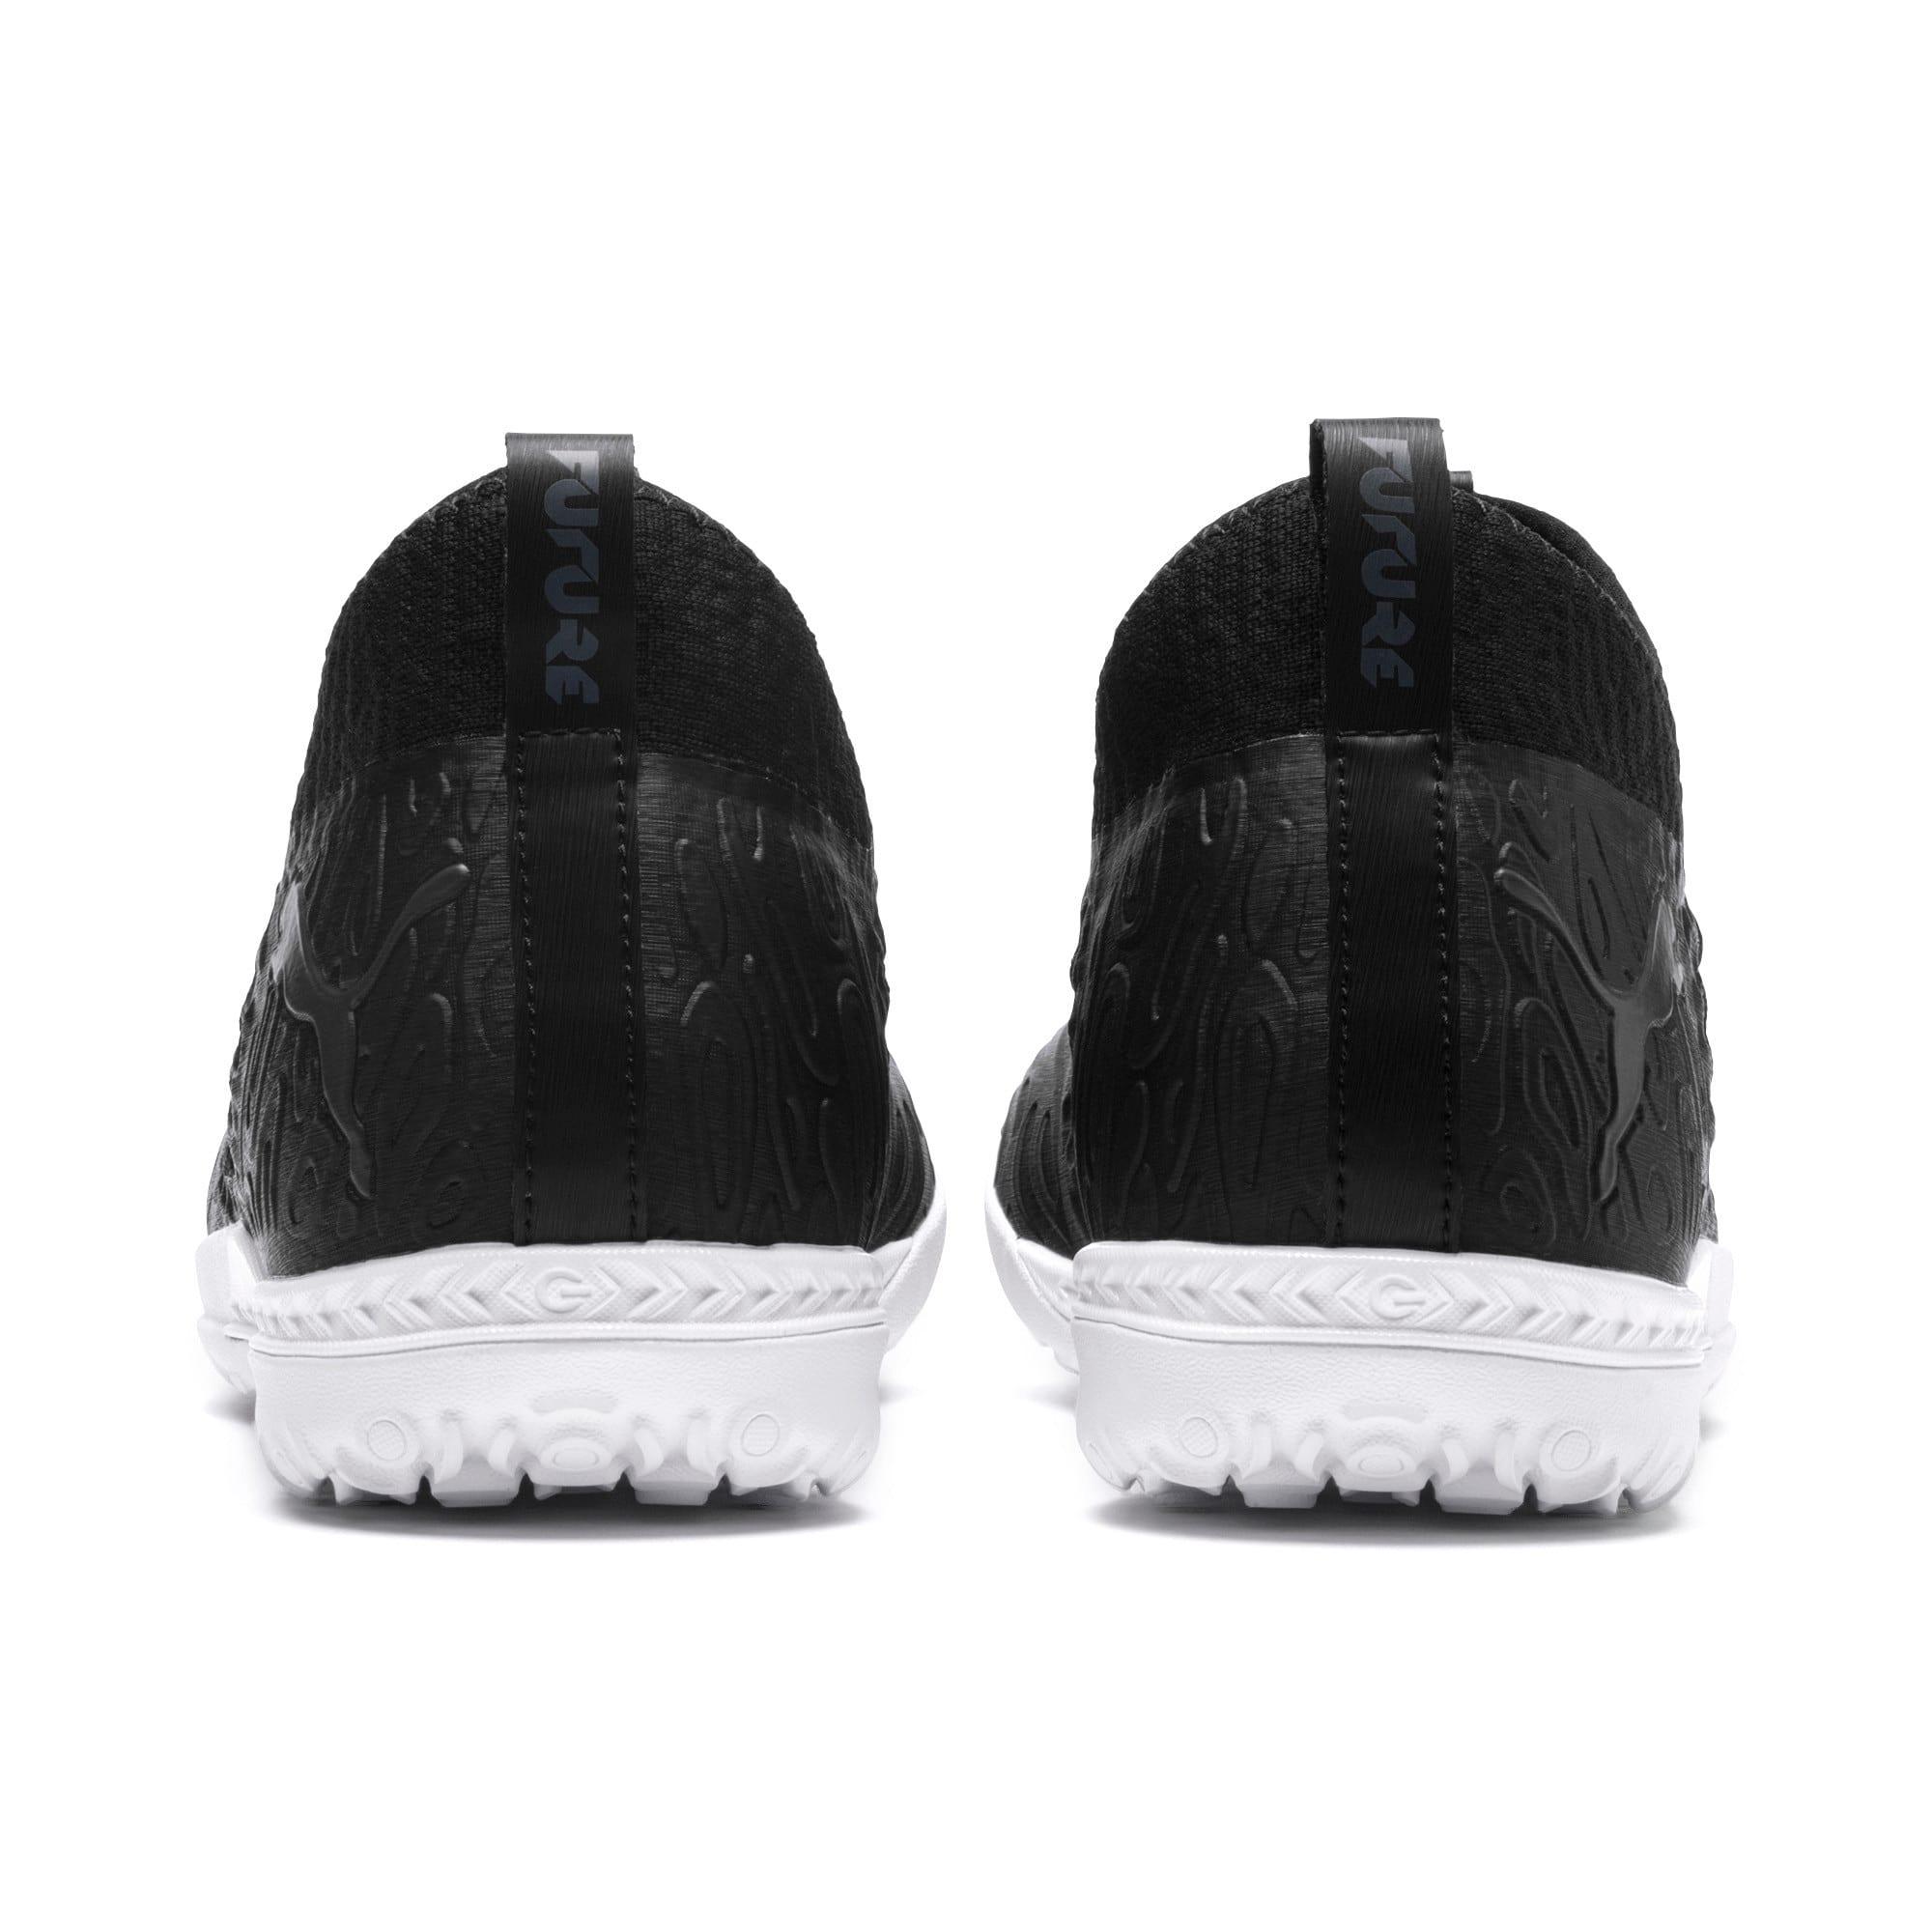 Thumbnail 4 of FUTURE 19.3 NETFIT TT Men's Soccer Shoes, Puma Black-Puma Black-White, medium